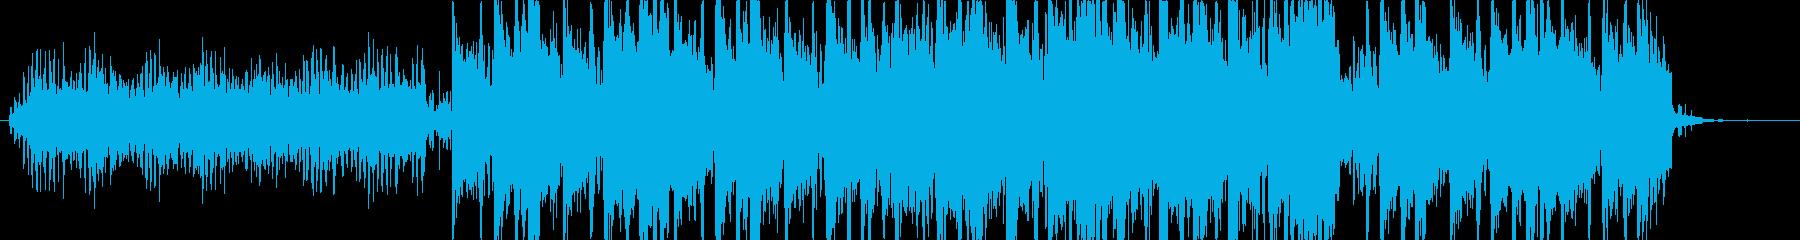 tendencyの再生済みの波形